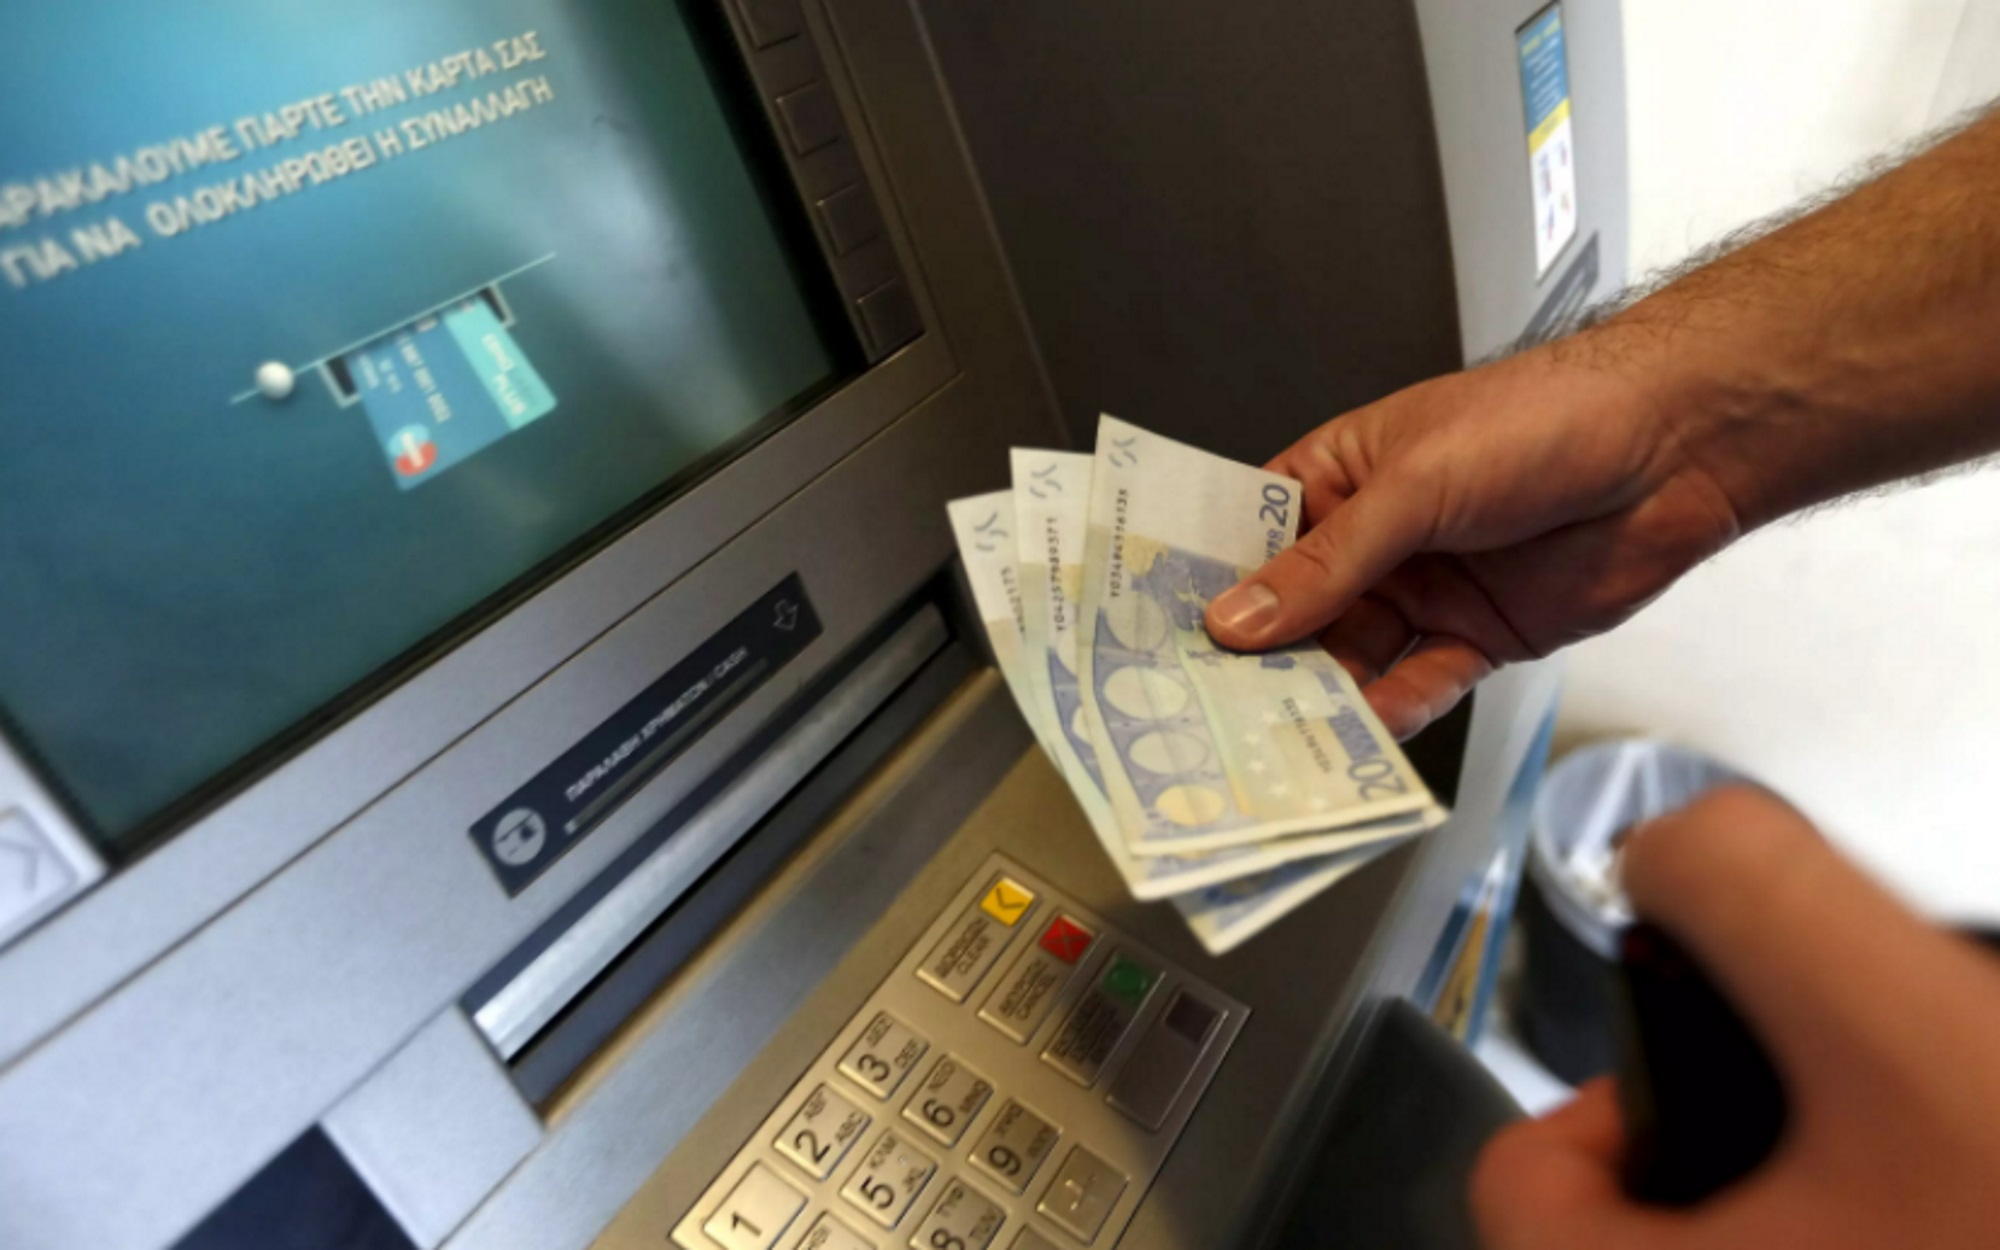 χαρτονομίσματα σε μηχάνημα ΑΤΜ